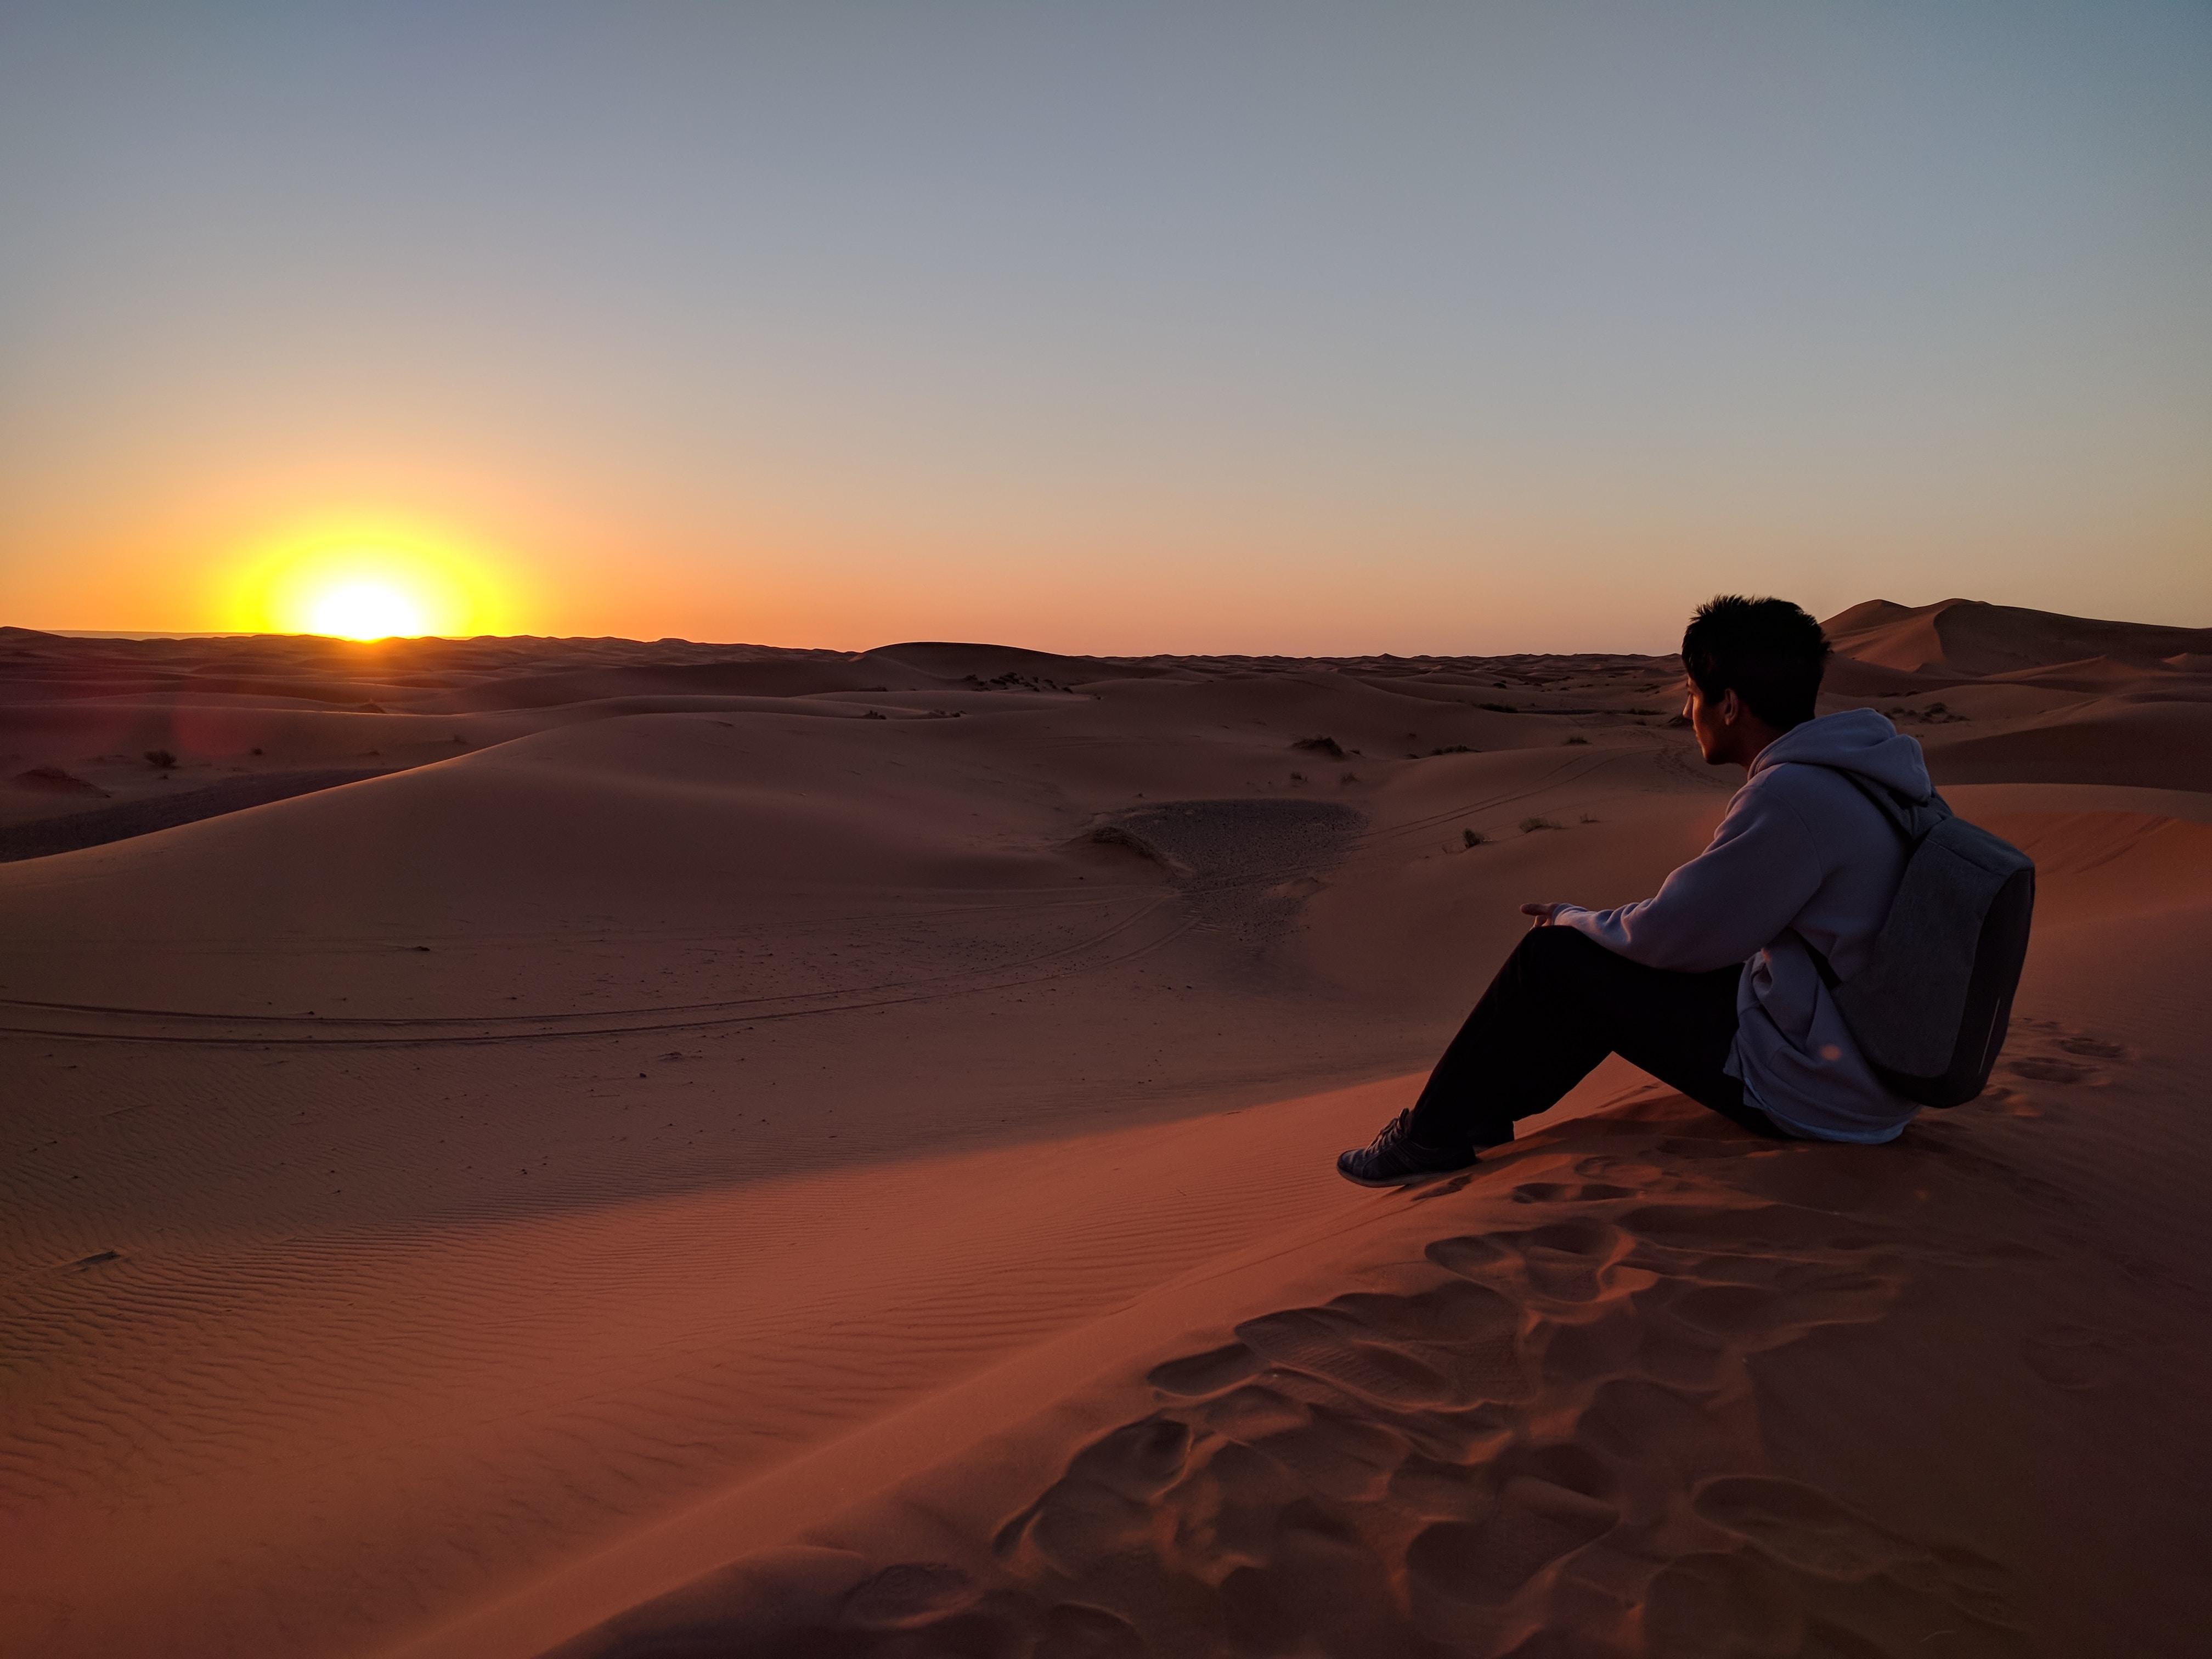 man sitting on desert dune